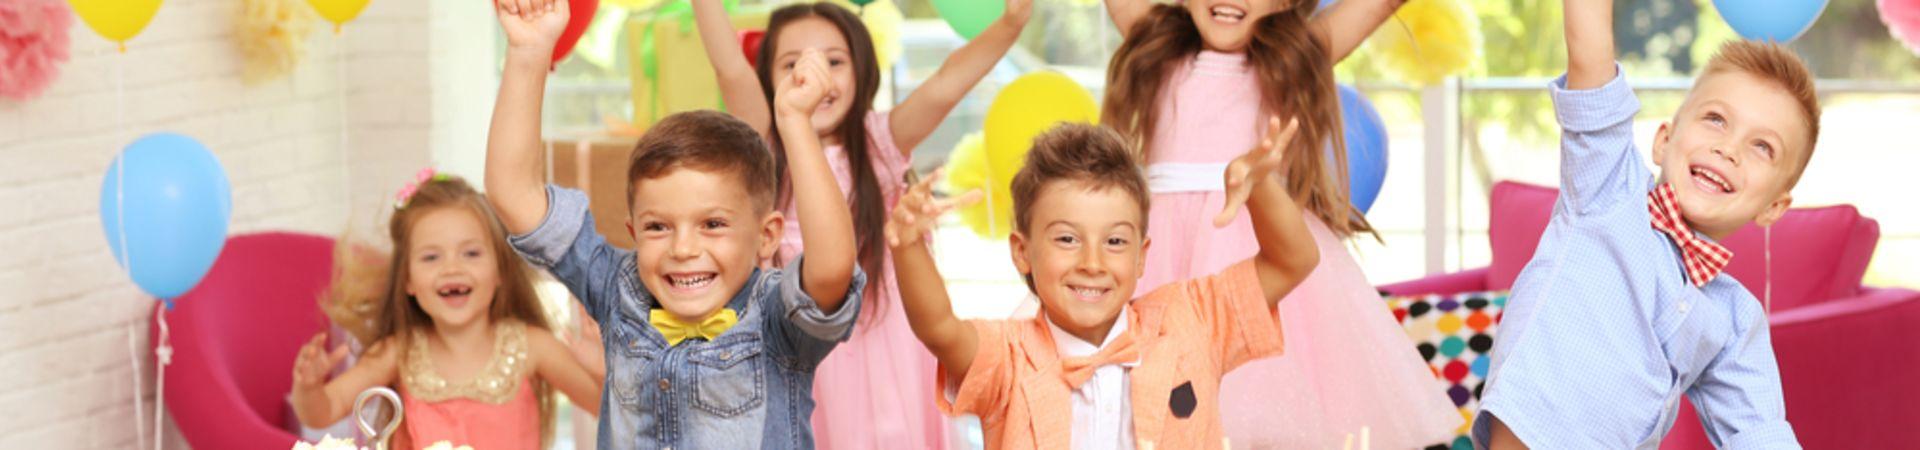 Místa na dětskou oslavu Praha